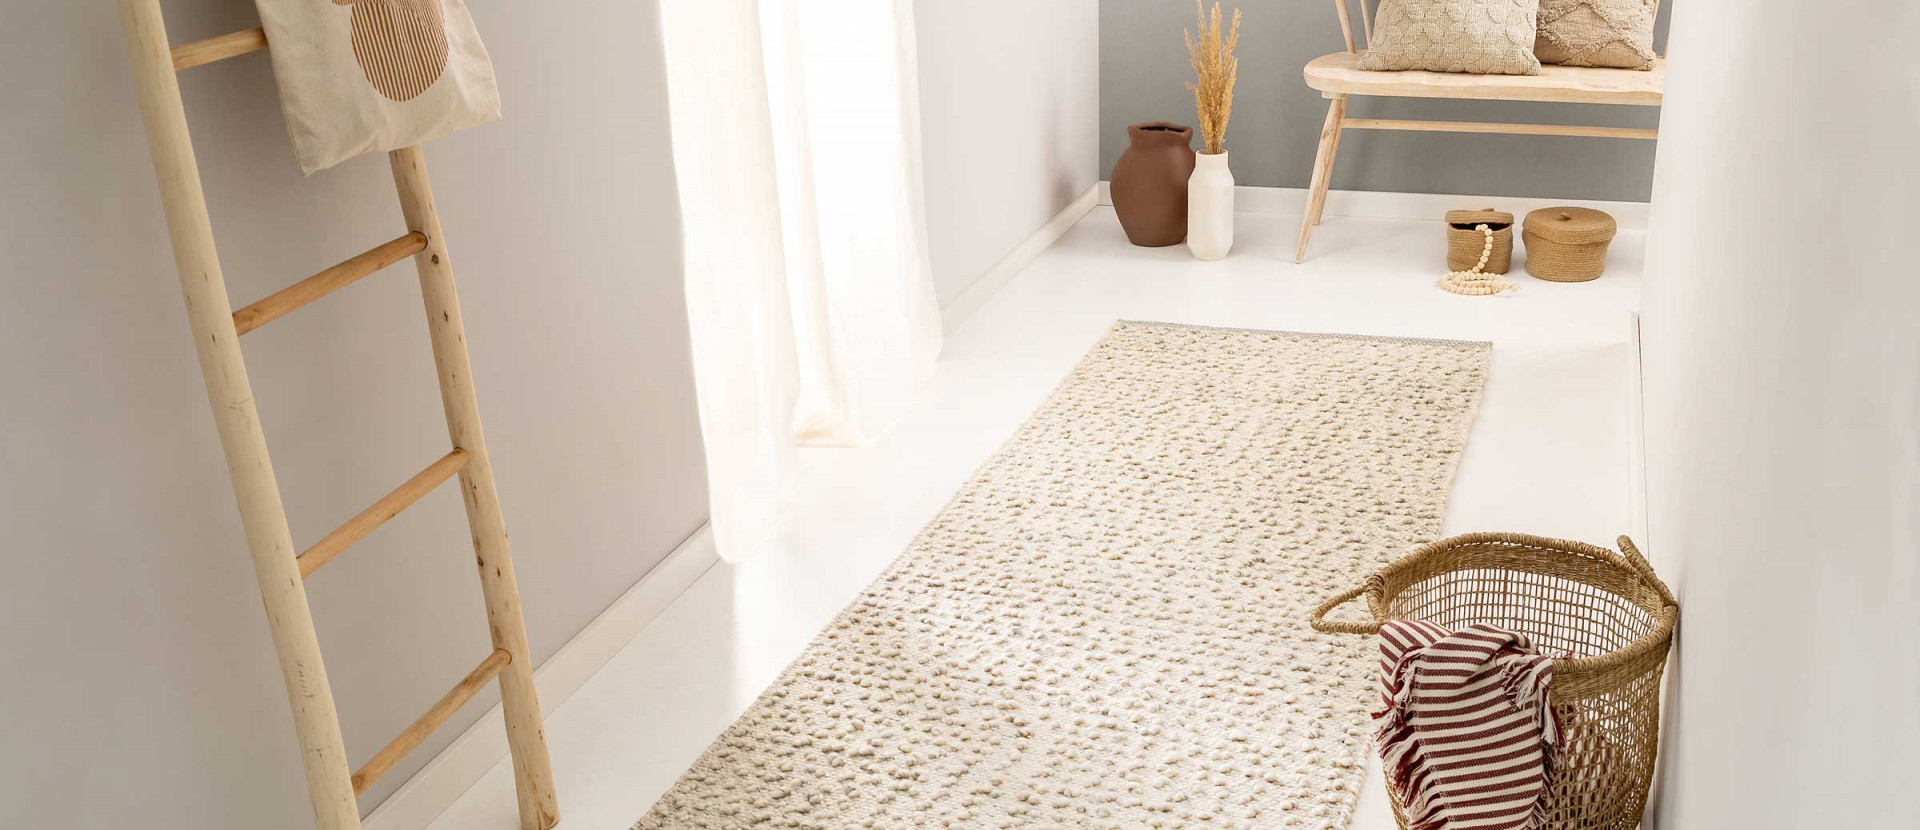 Teppichgröße Bestimmen  Teppich Richtig Platzieren von Kleiner Teppich Wohnzimmer Bild